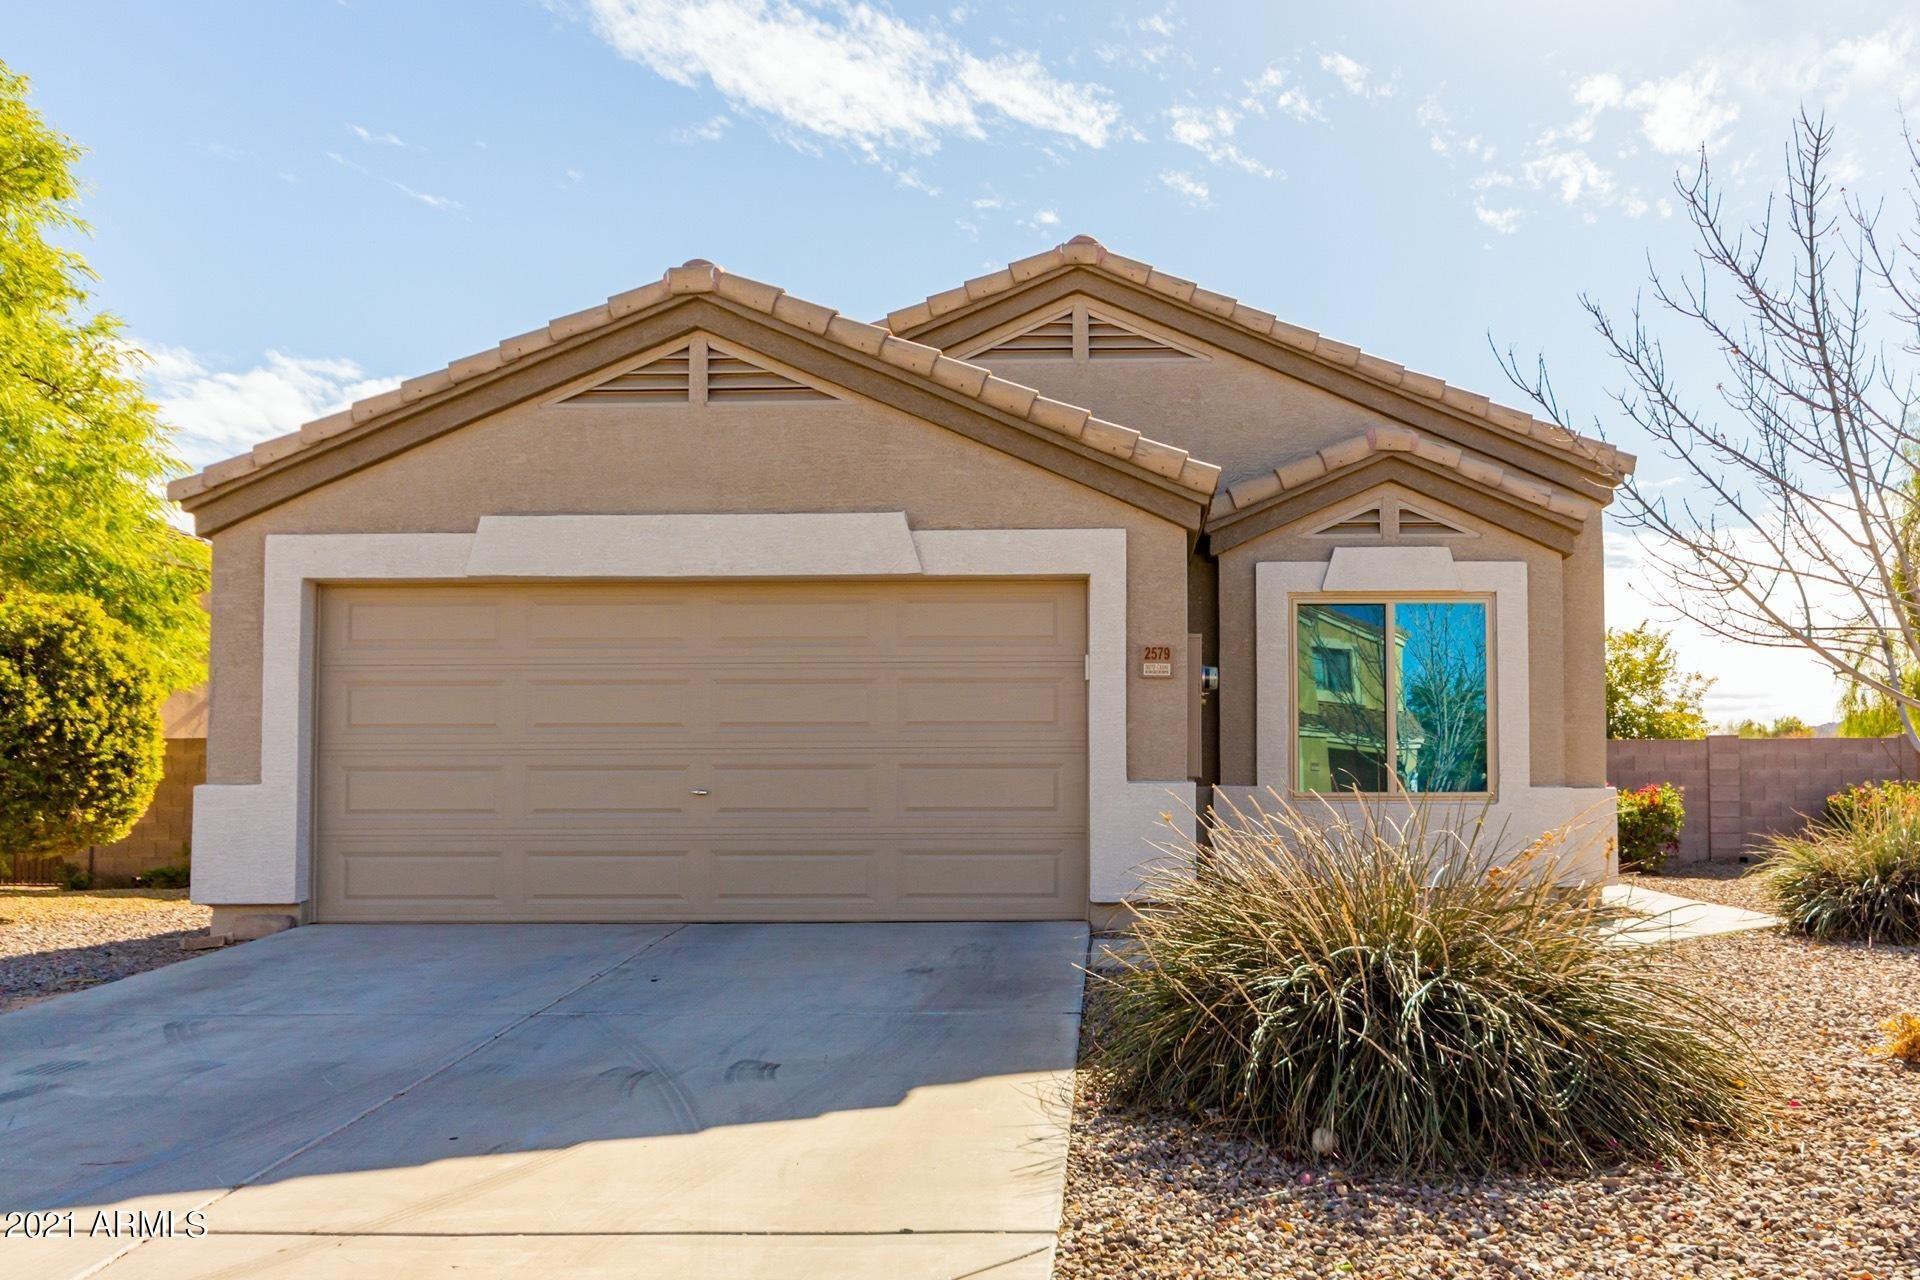 2579 W TANNER RANCH Road, Queen Creek, AZ 85142 - MLS#: 6184402